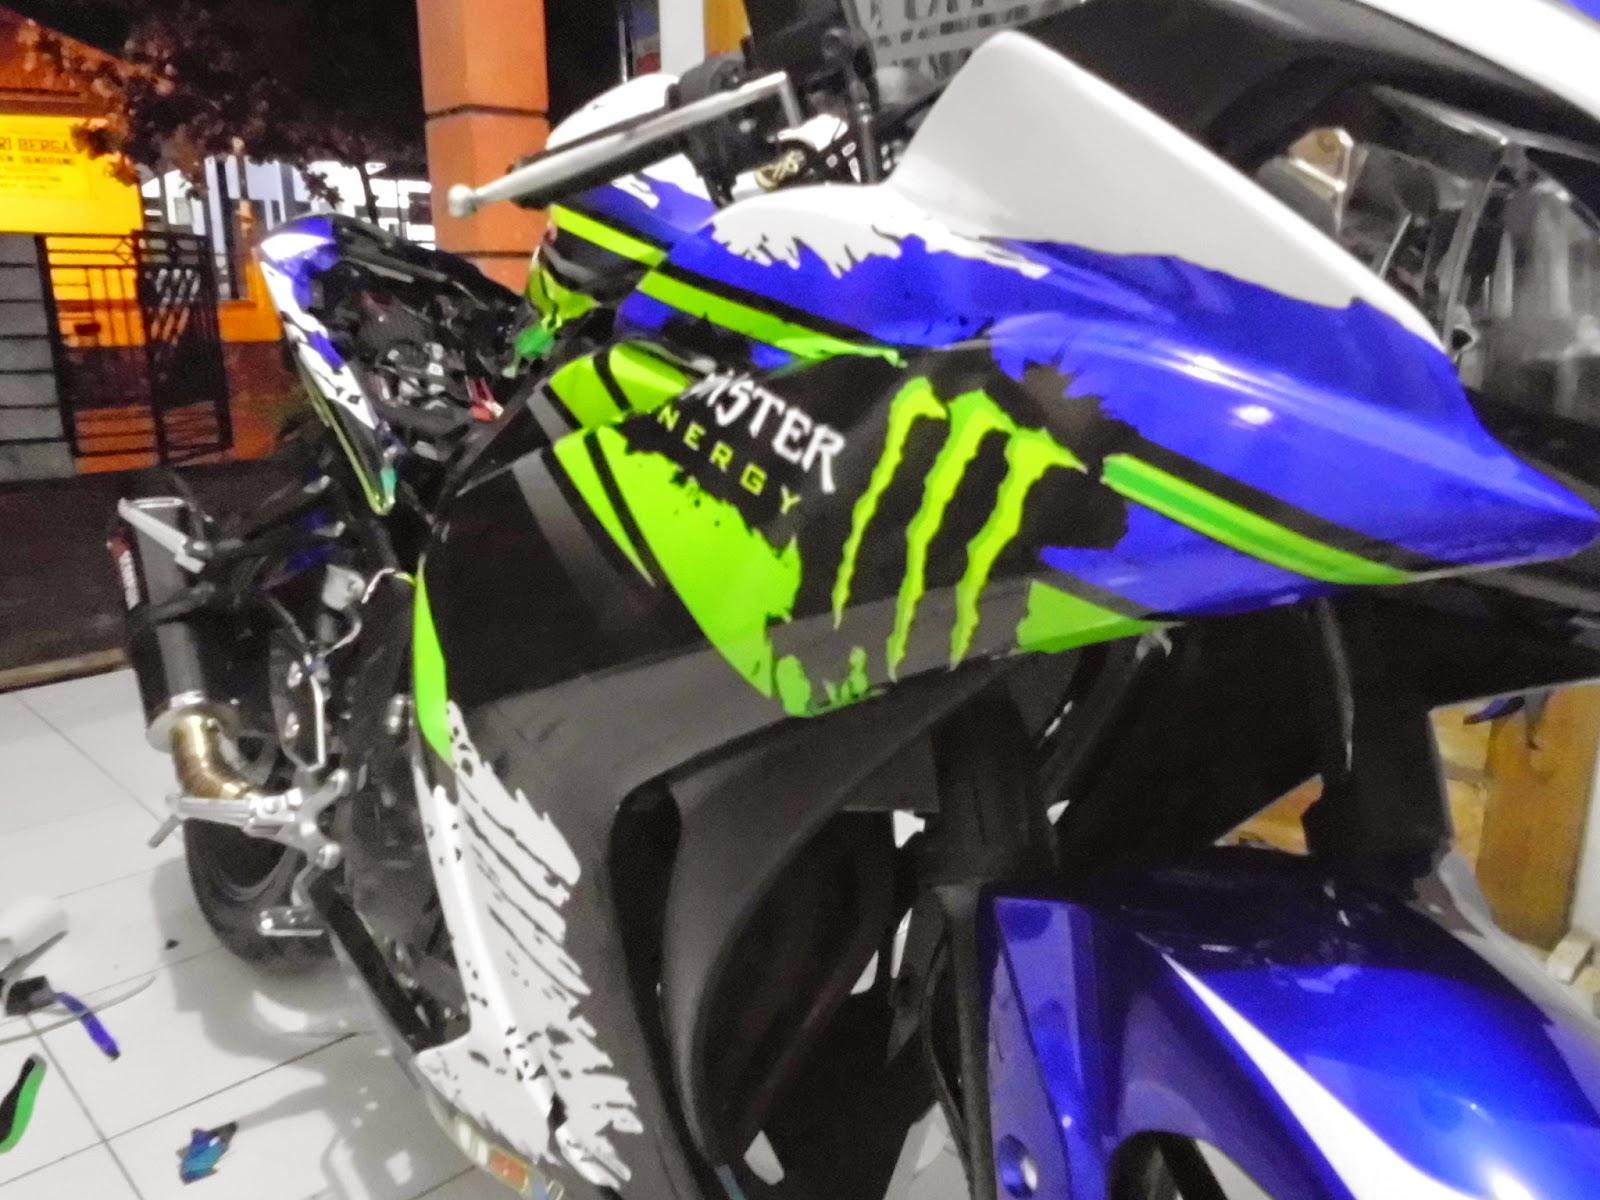 Ini adalah preview design sticker striping untuk yamaha r25 dengan motif khas motogp dengan dimodifikasi sesuai keinginan pemilik